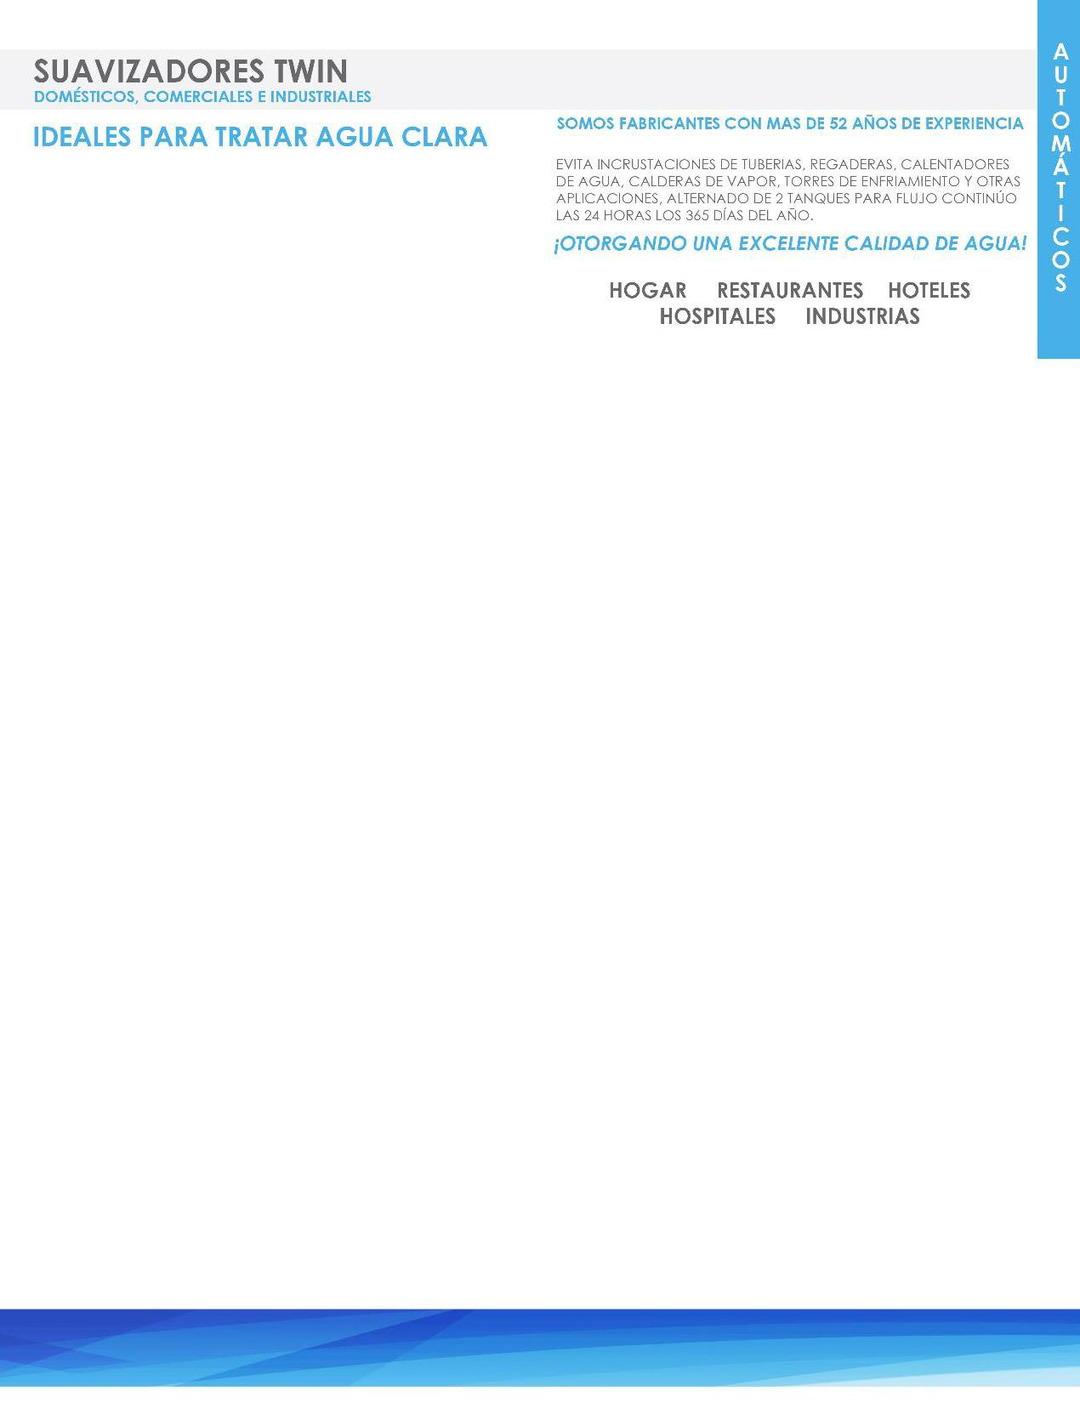 Page 12 of LP-TRA - Filtros, Suavizadores, Tratamiento Agua Limpia AQUAPLUS de MASS®  PÁGINA 12  http://distribuidorindmass.com/